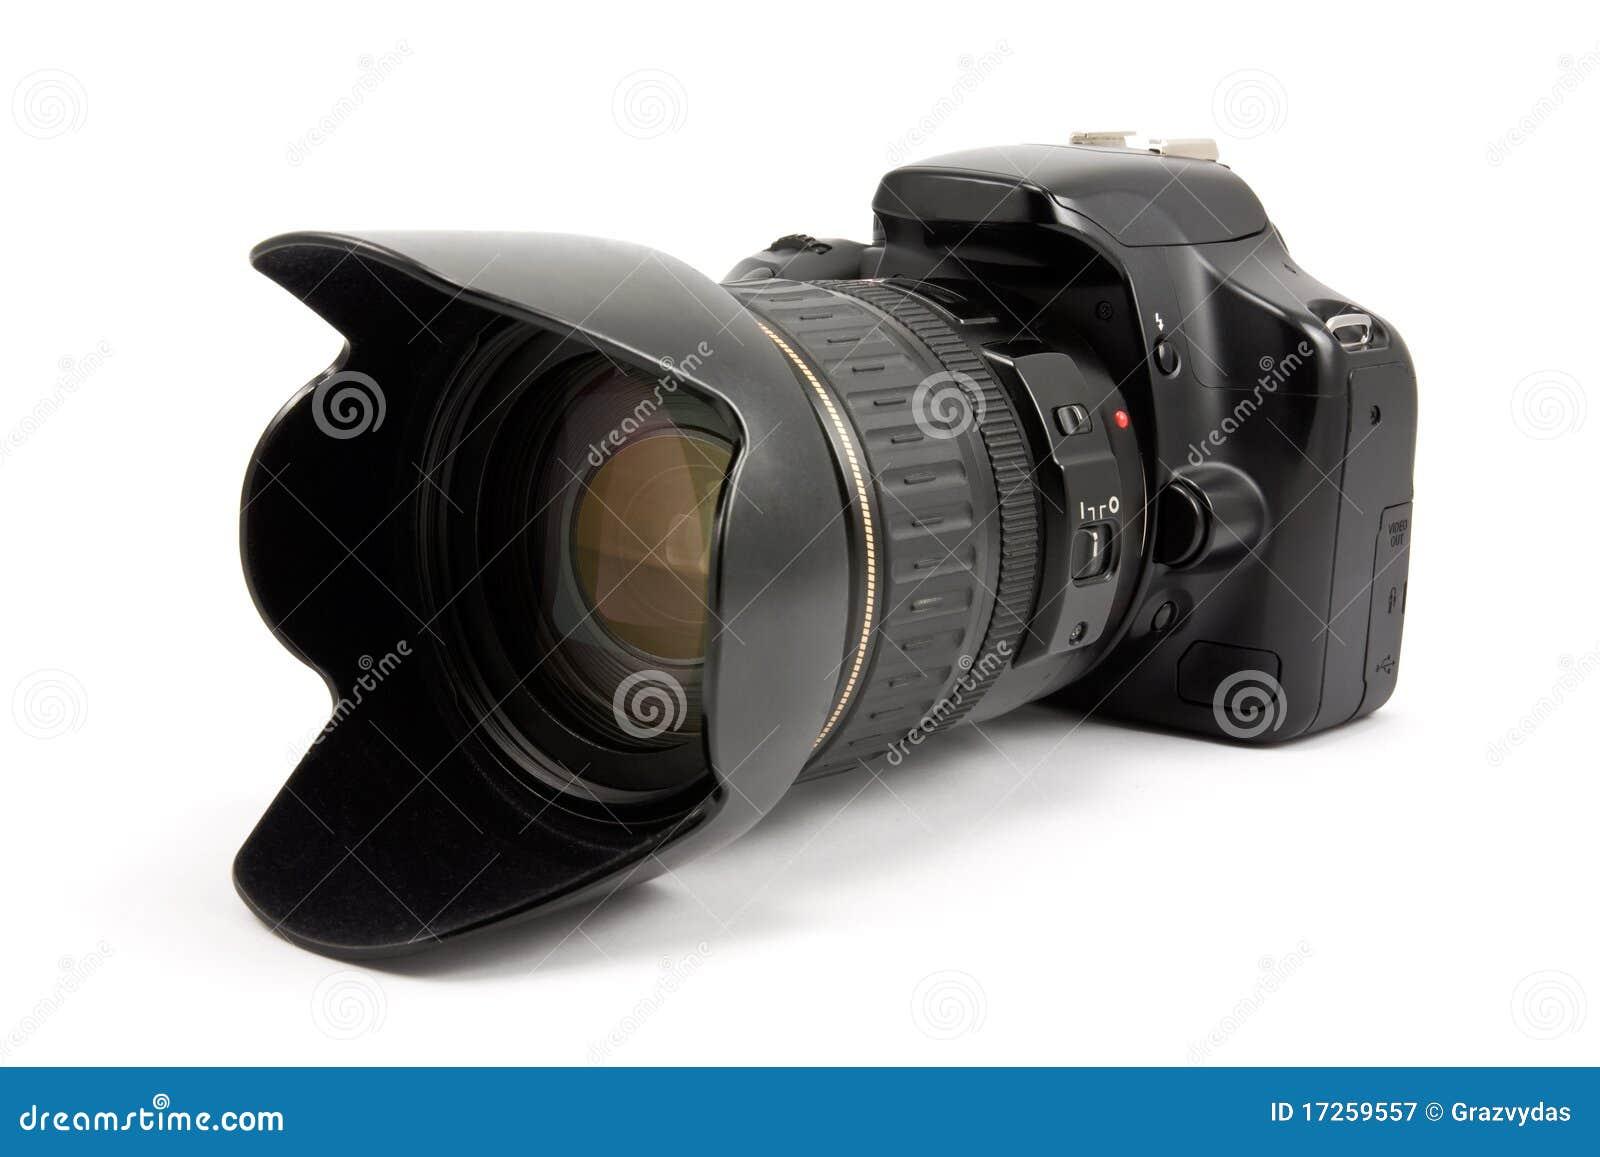 Digitale fotografieapparatuur